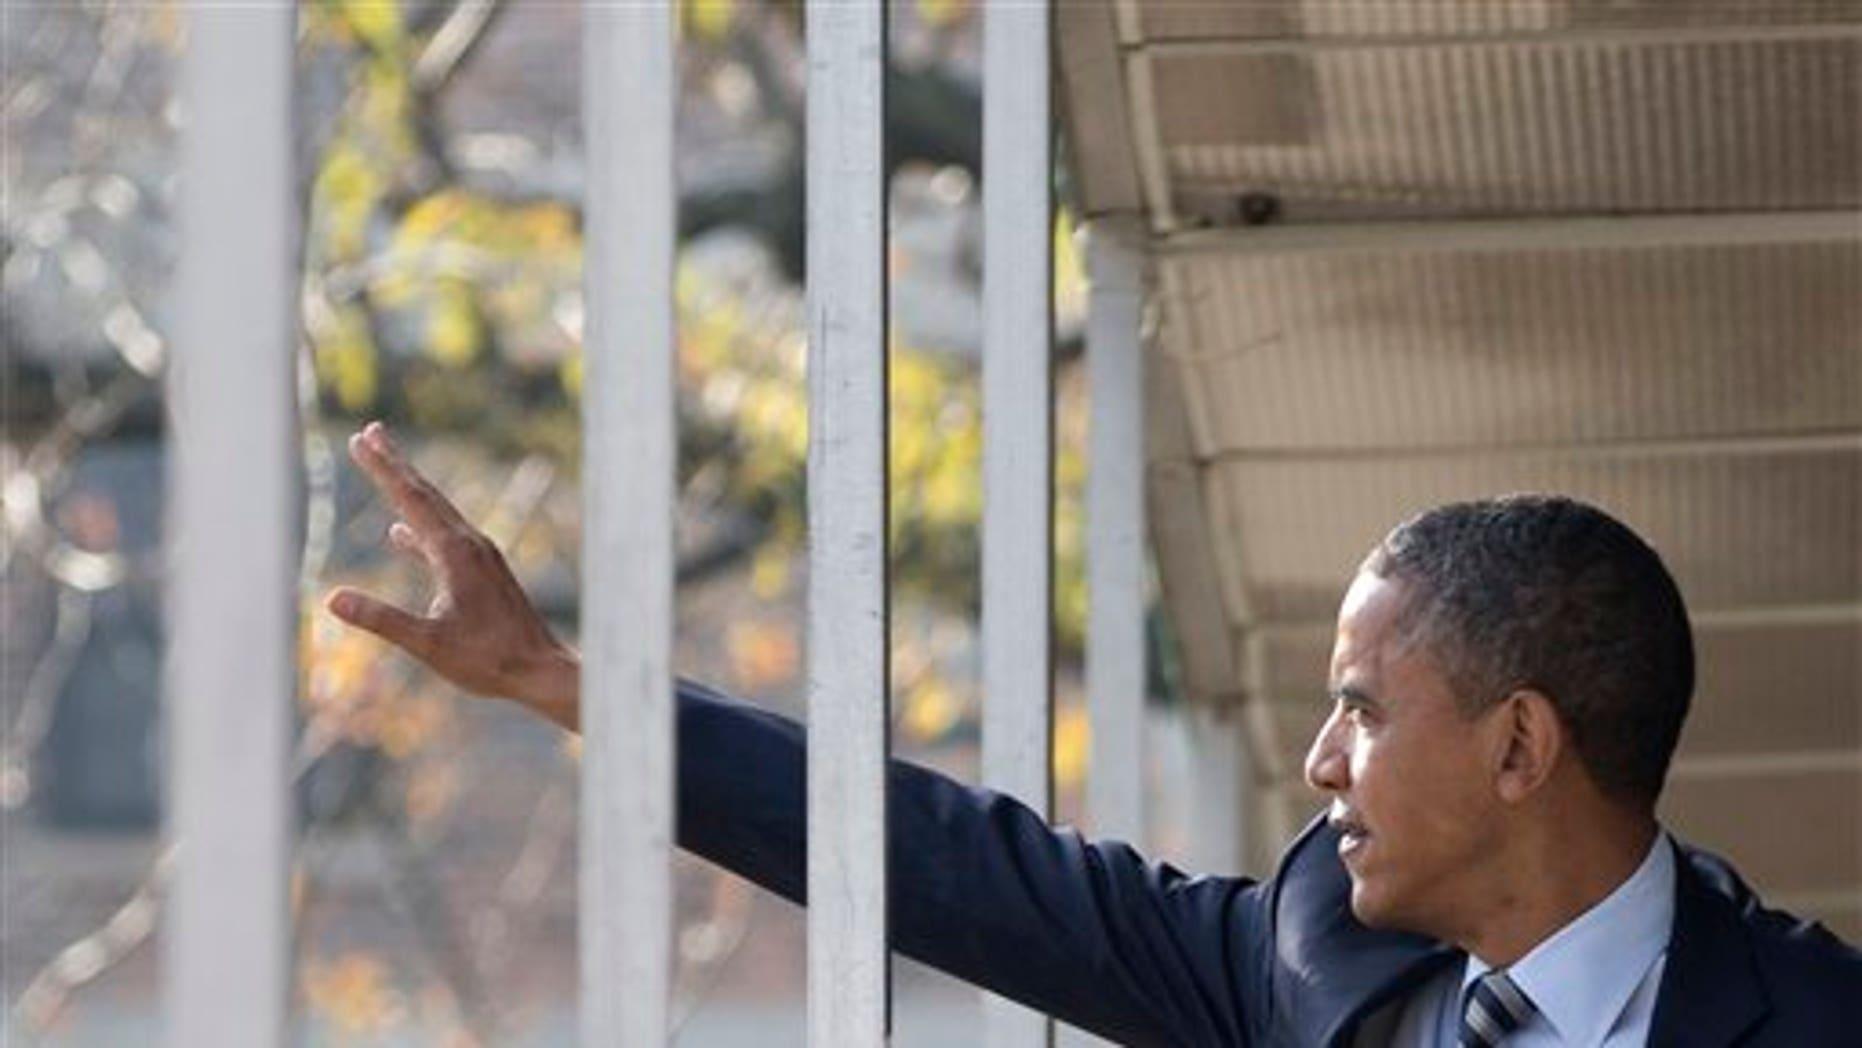 Nov. 6, 2012: Obama walks through a hallway on Election Day.